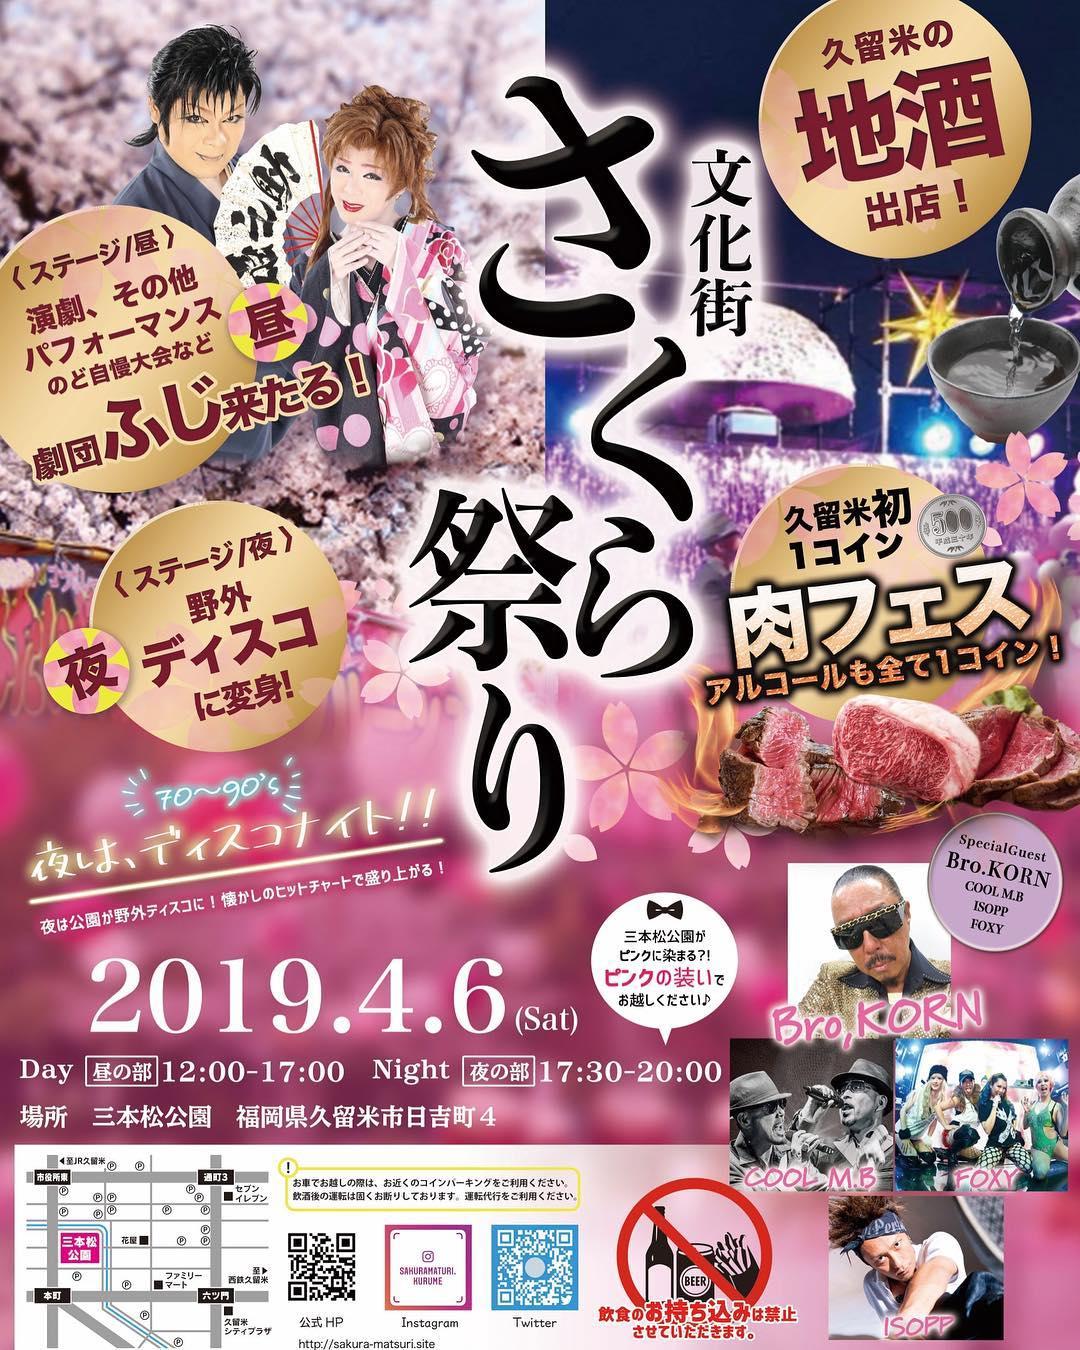 【文化街 さくら祭り】久留米最大級のお花見イベント!